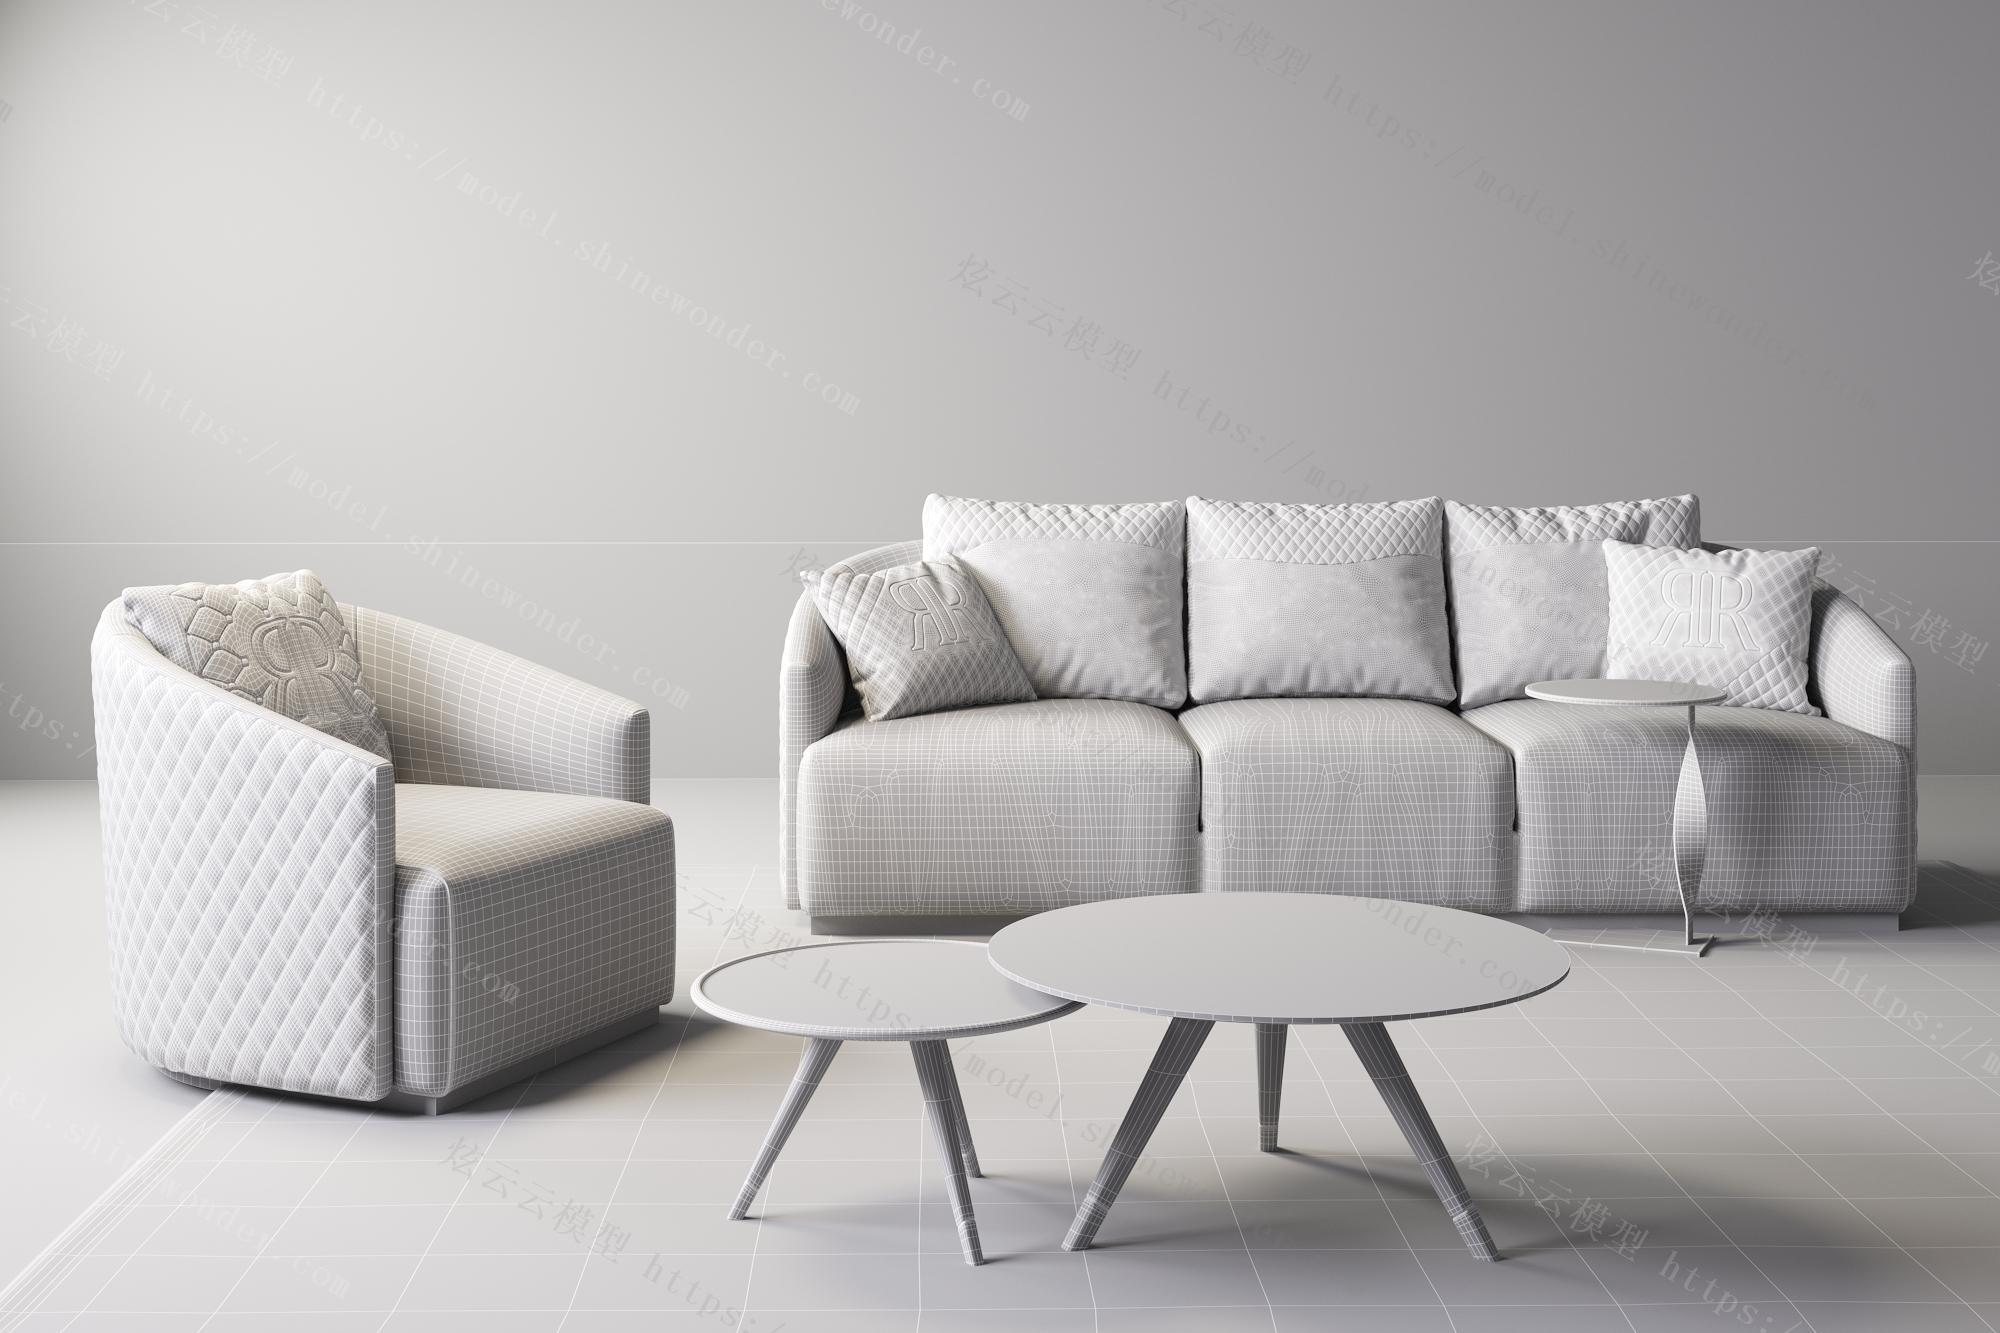 现代奢华沙发组合模型